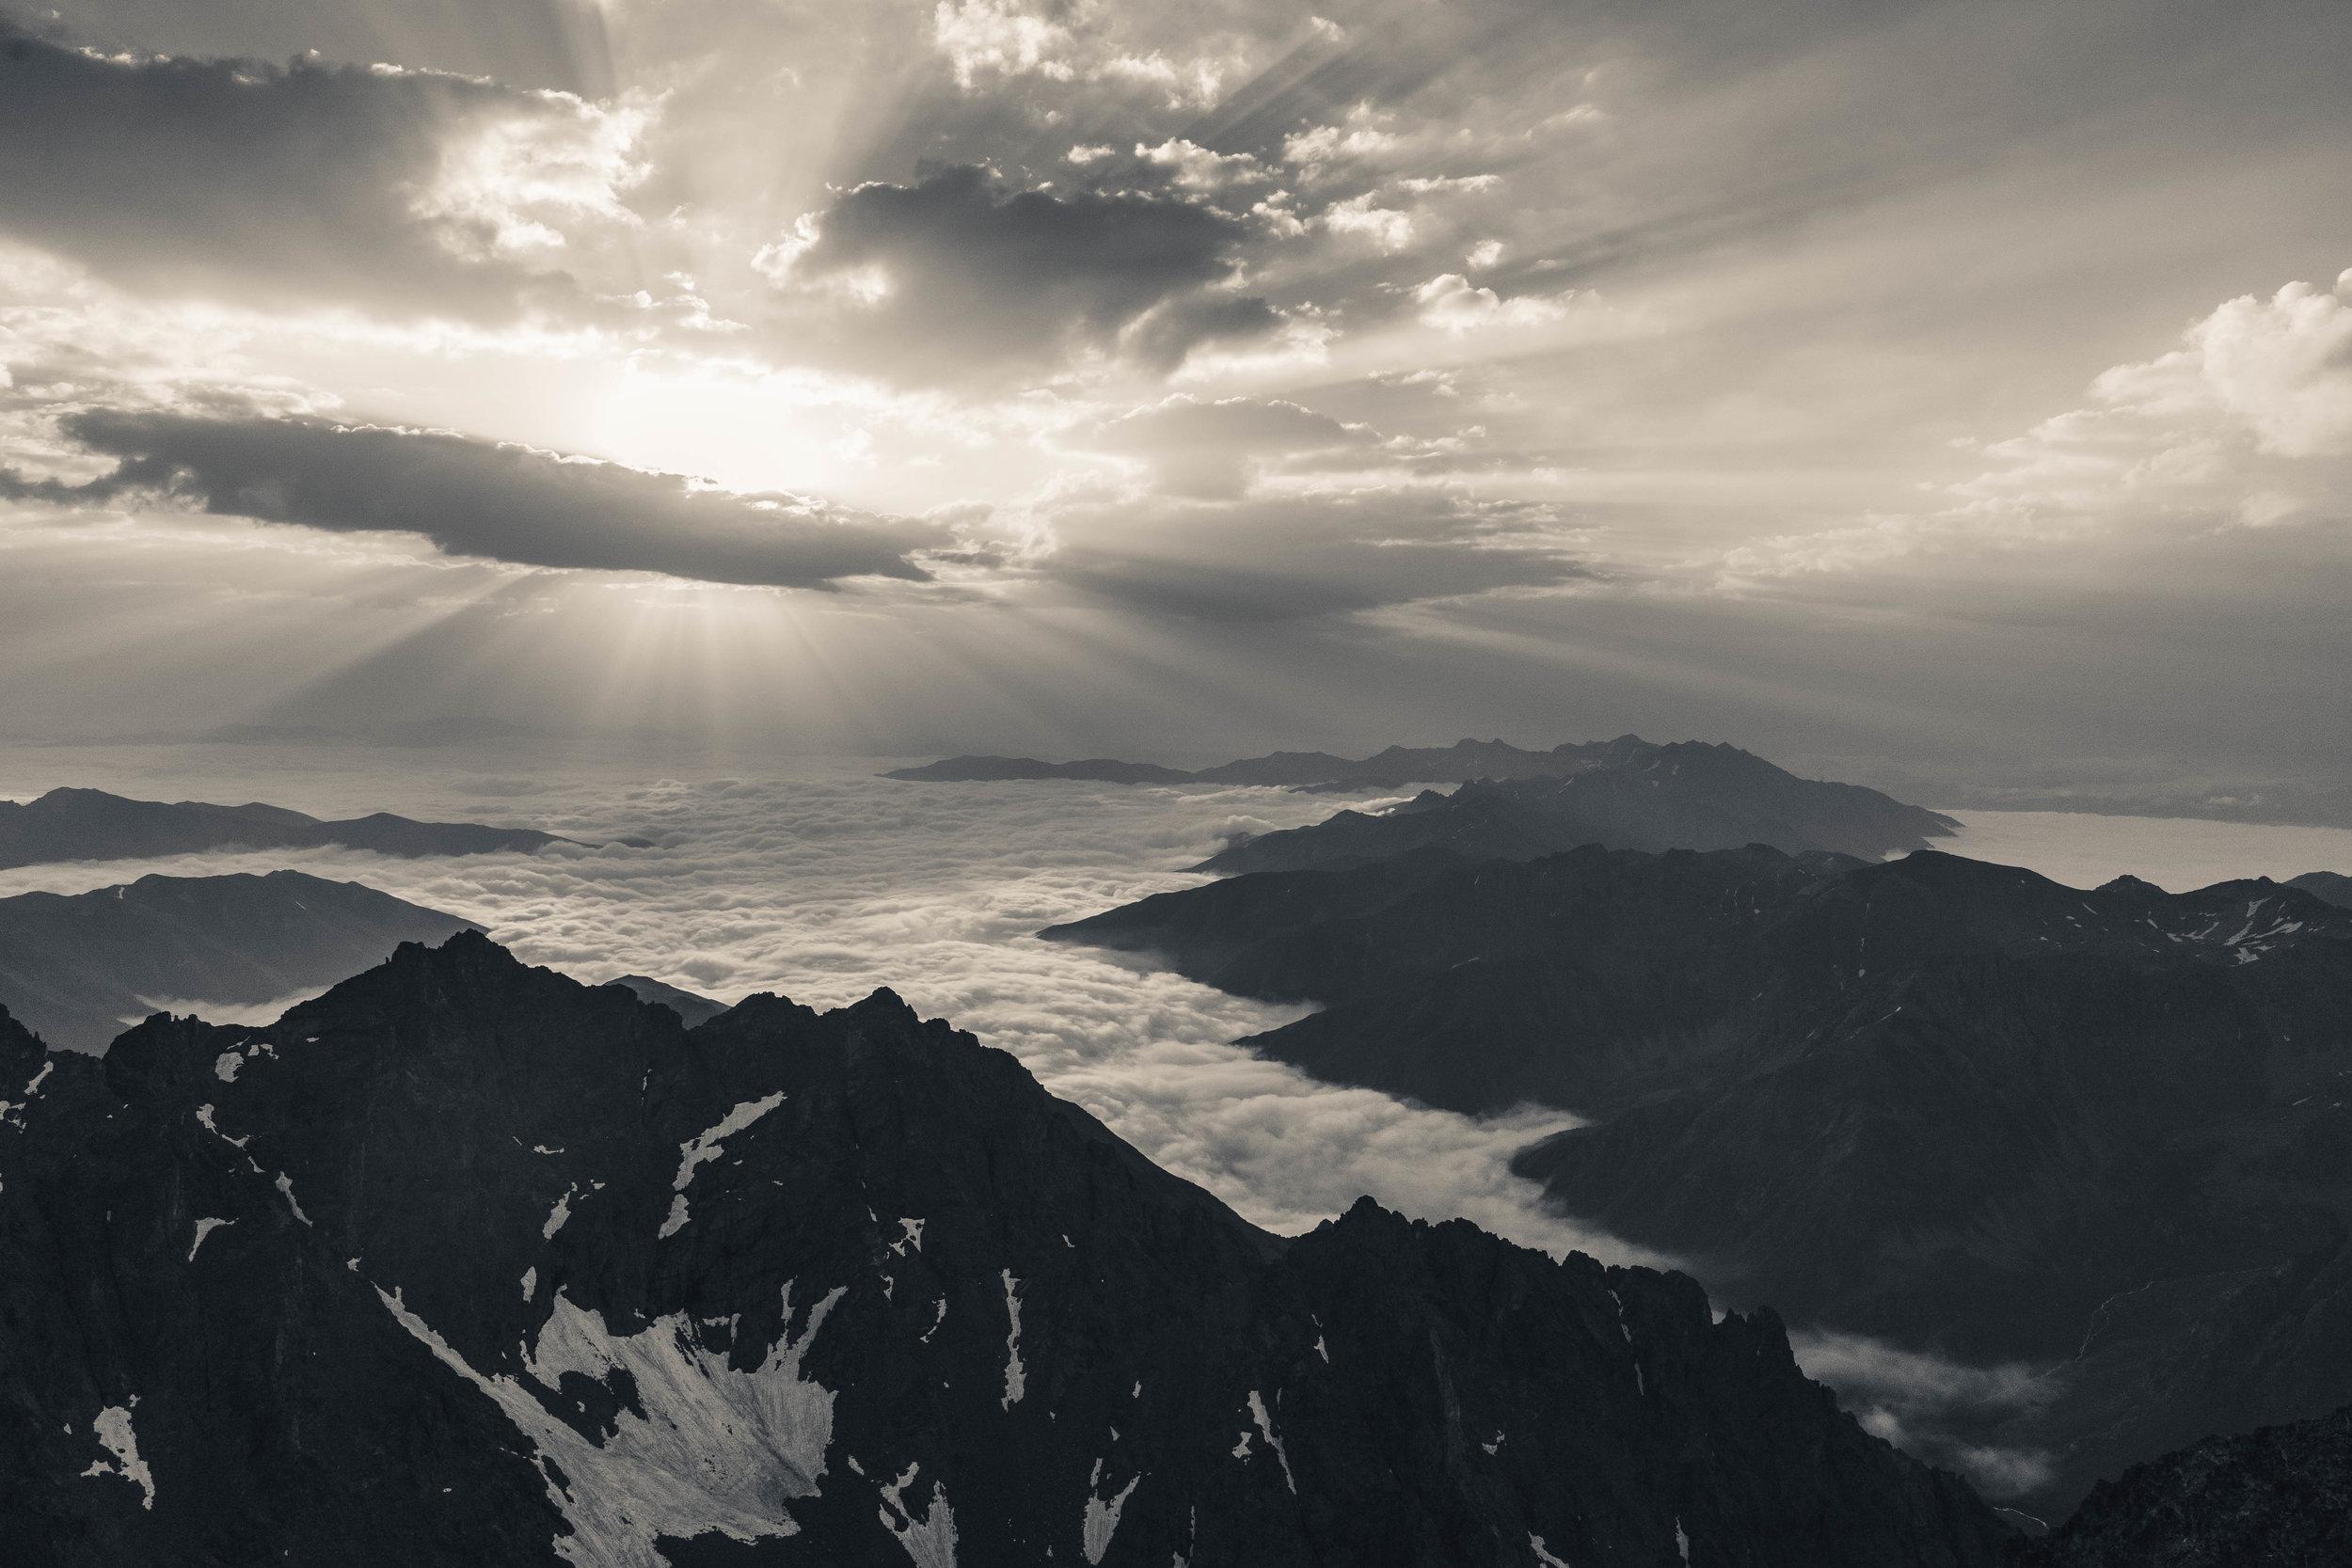 From the top of Kaçkar Dagi